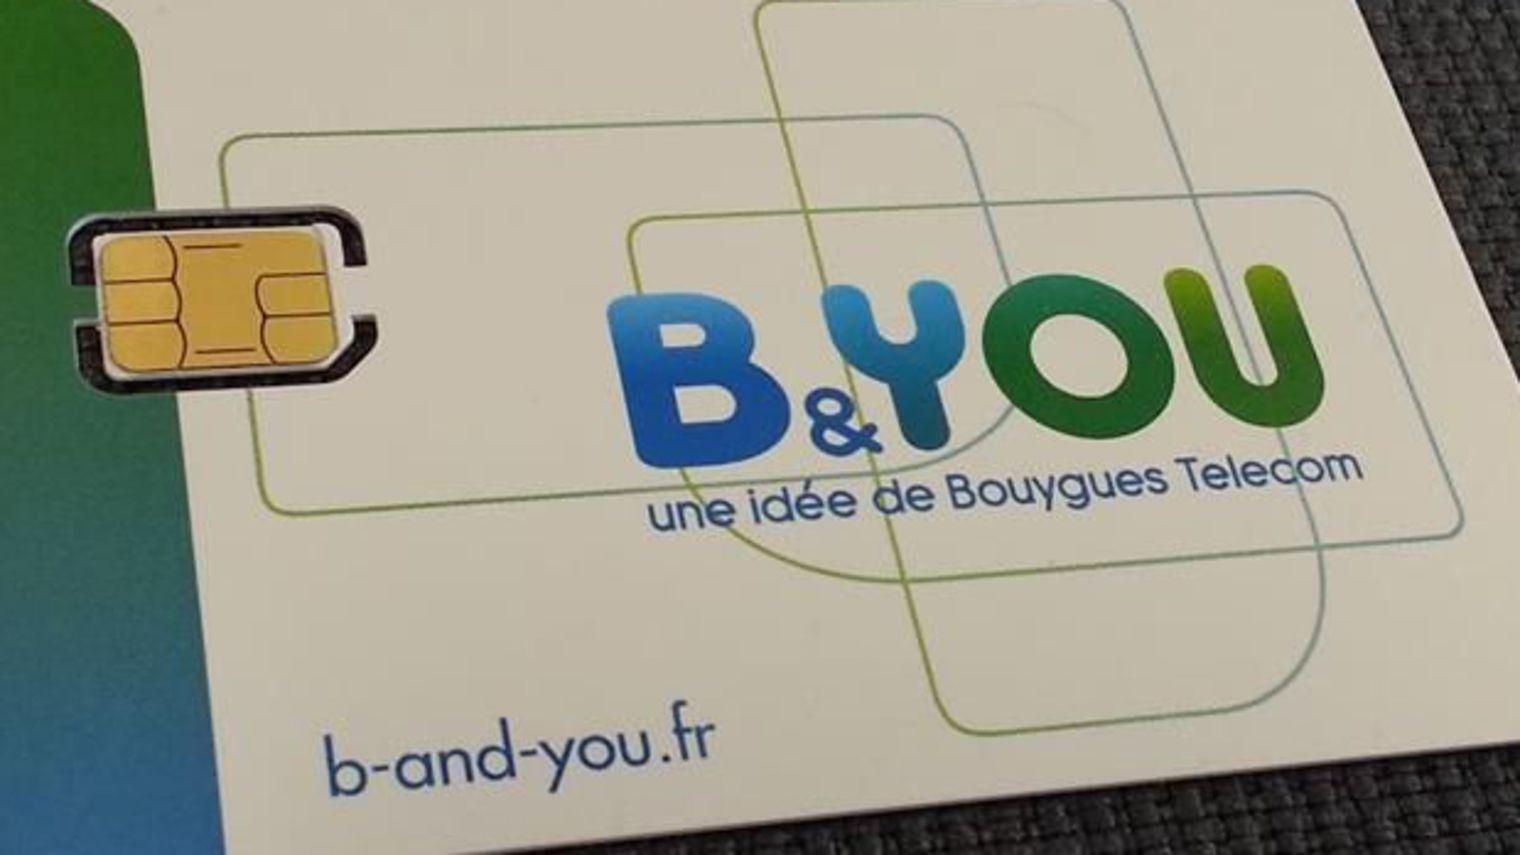 Forfait B&YOU 50 Go de Bouygues Telecom à 4.99 euros encore prolongé !